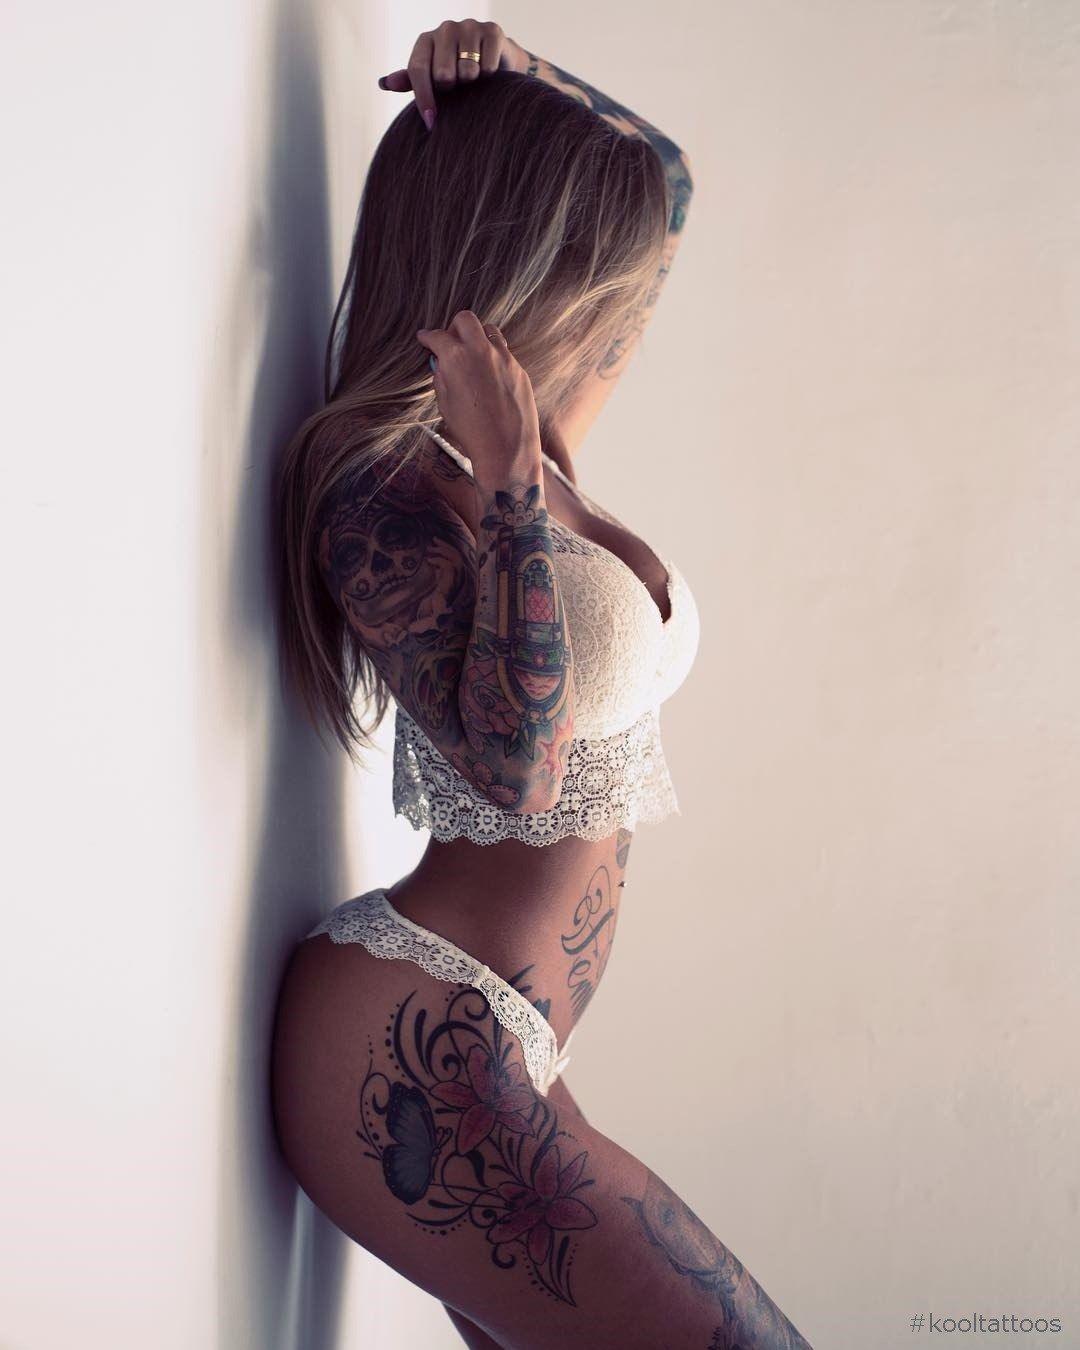 Amazing tattooed fitness girls u women daily pics motivation